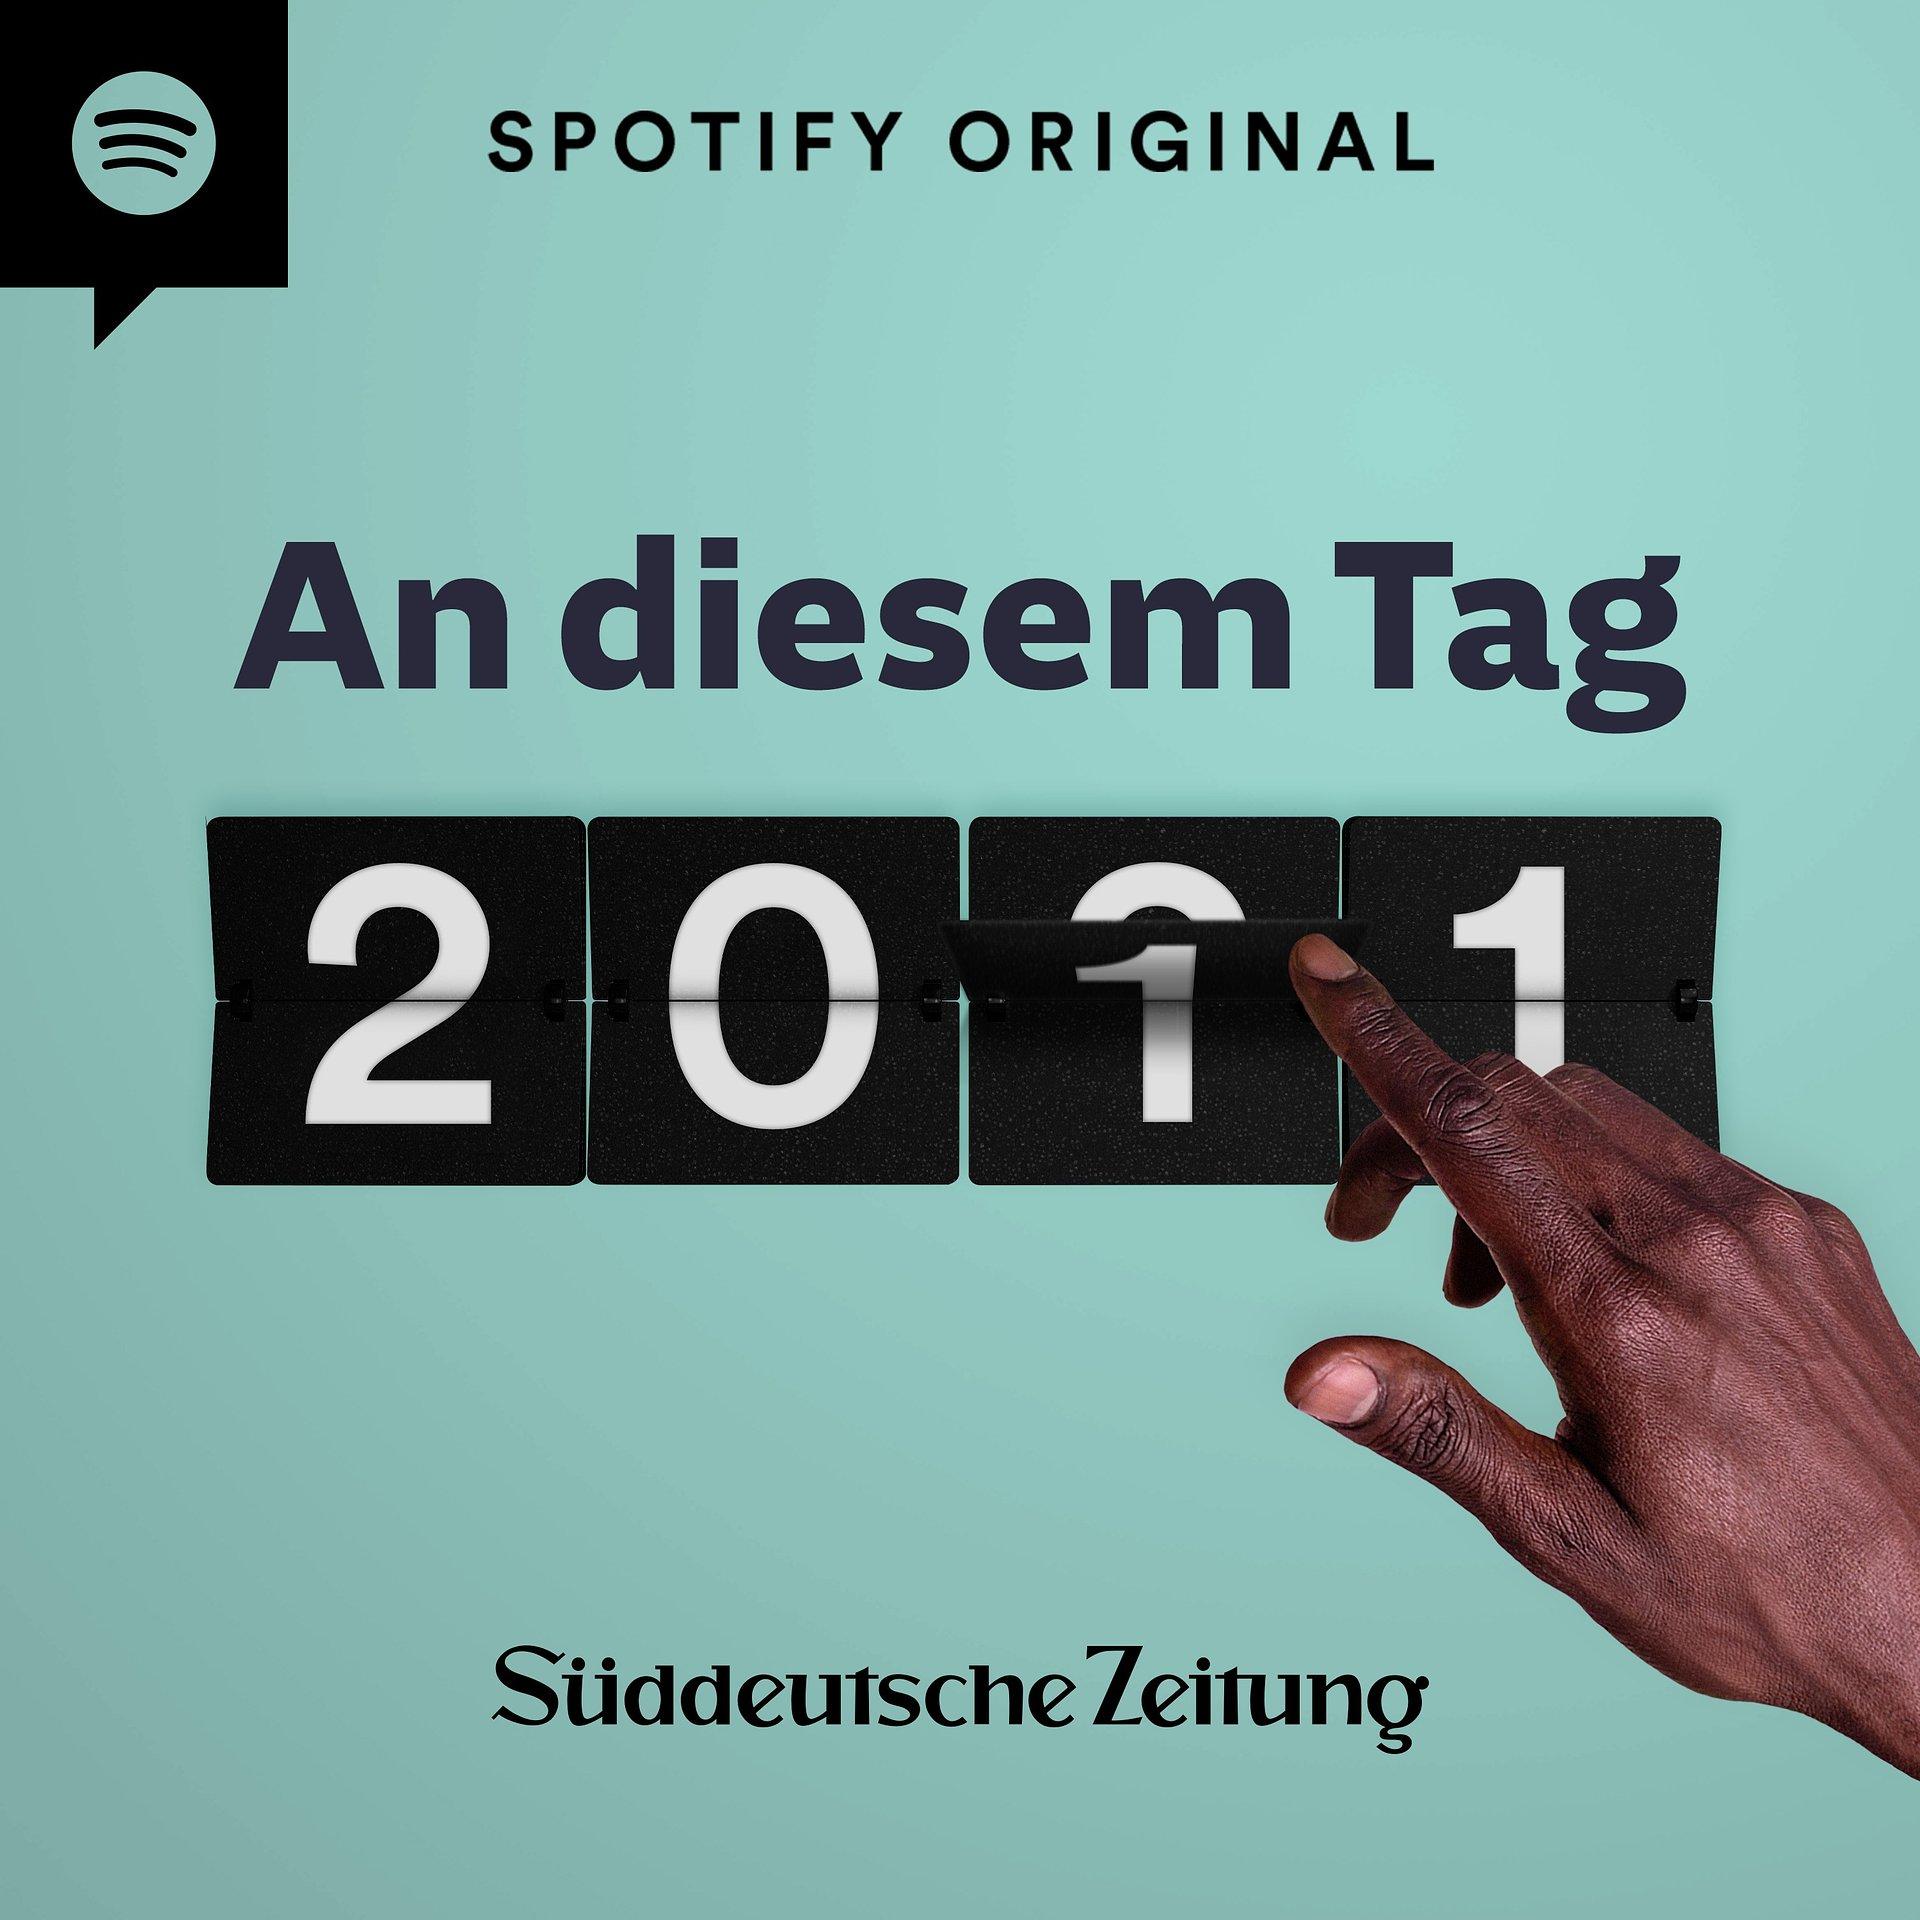 """""""An diesem Tag"""": Spotify arbeitet erstmals mit der Süddeutschen Zeitung zusammen"""